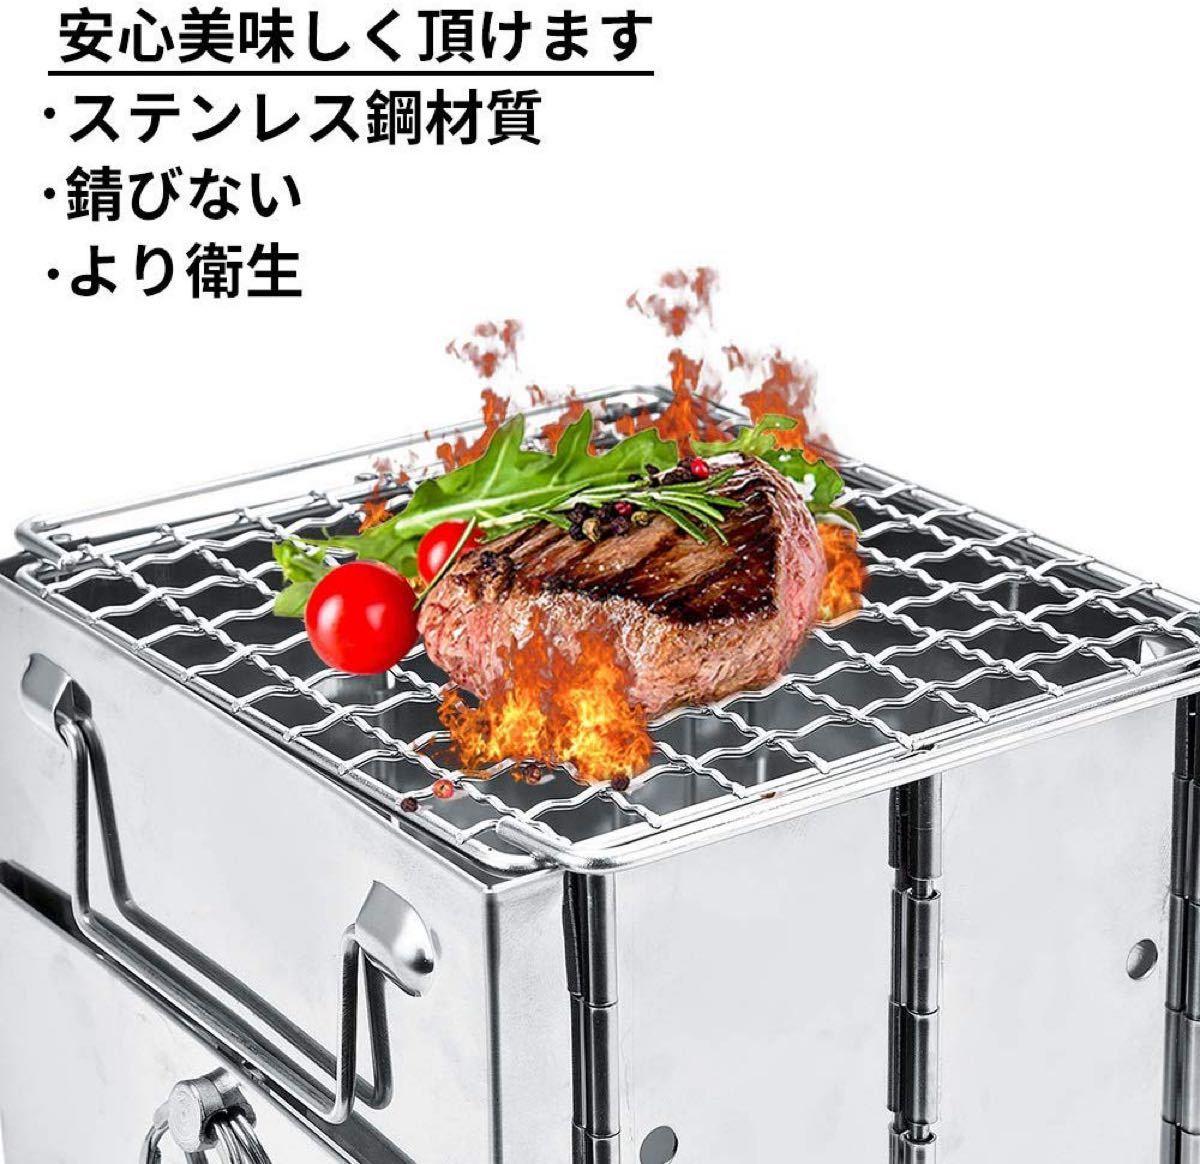 ★ポケットストーブ★ミニ焚き火台★ミニコンロ★ミニBBQコンロ★収納バッグ付★